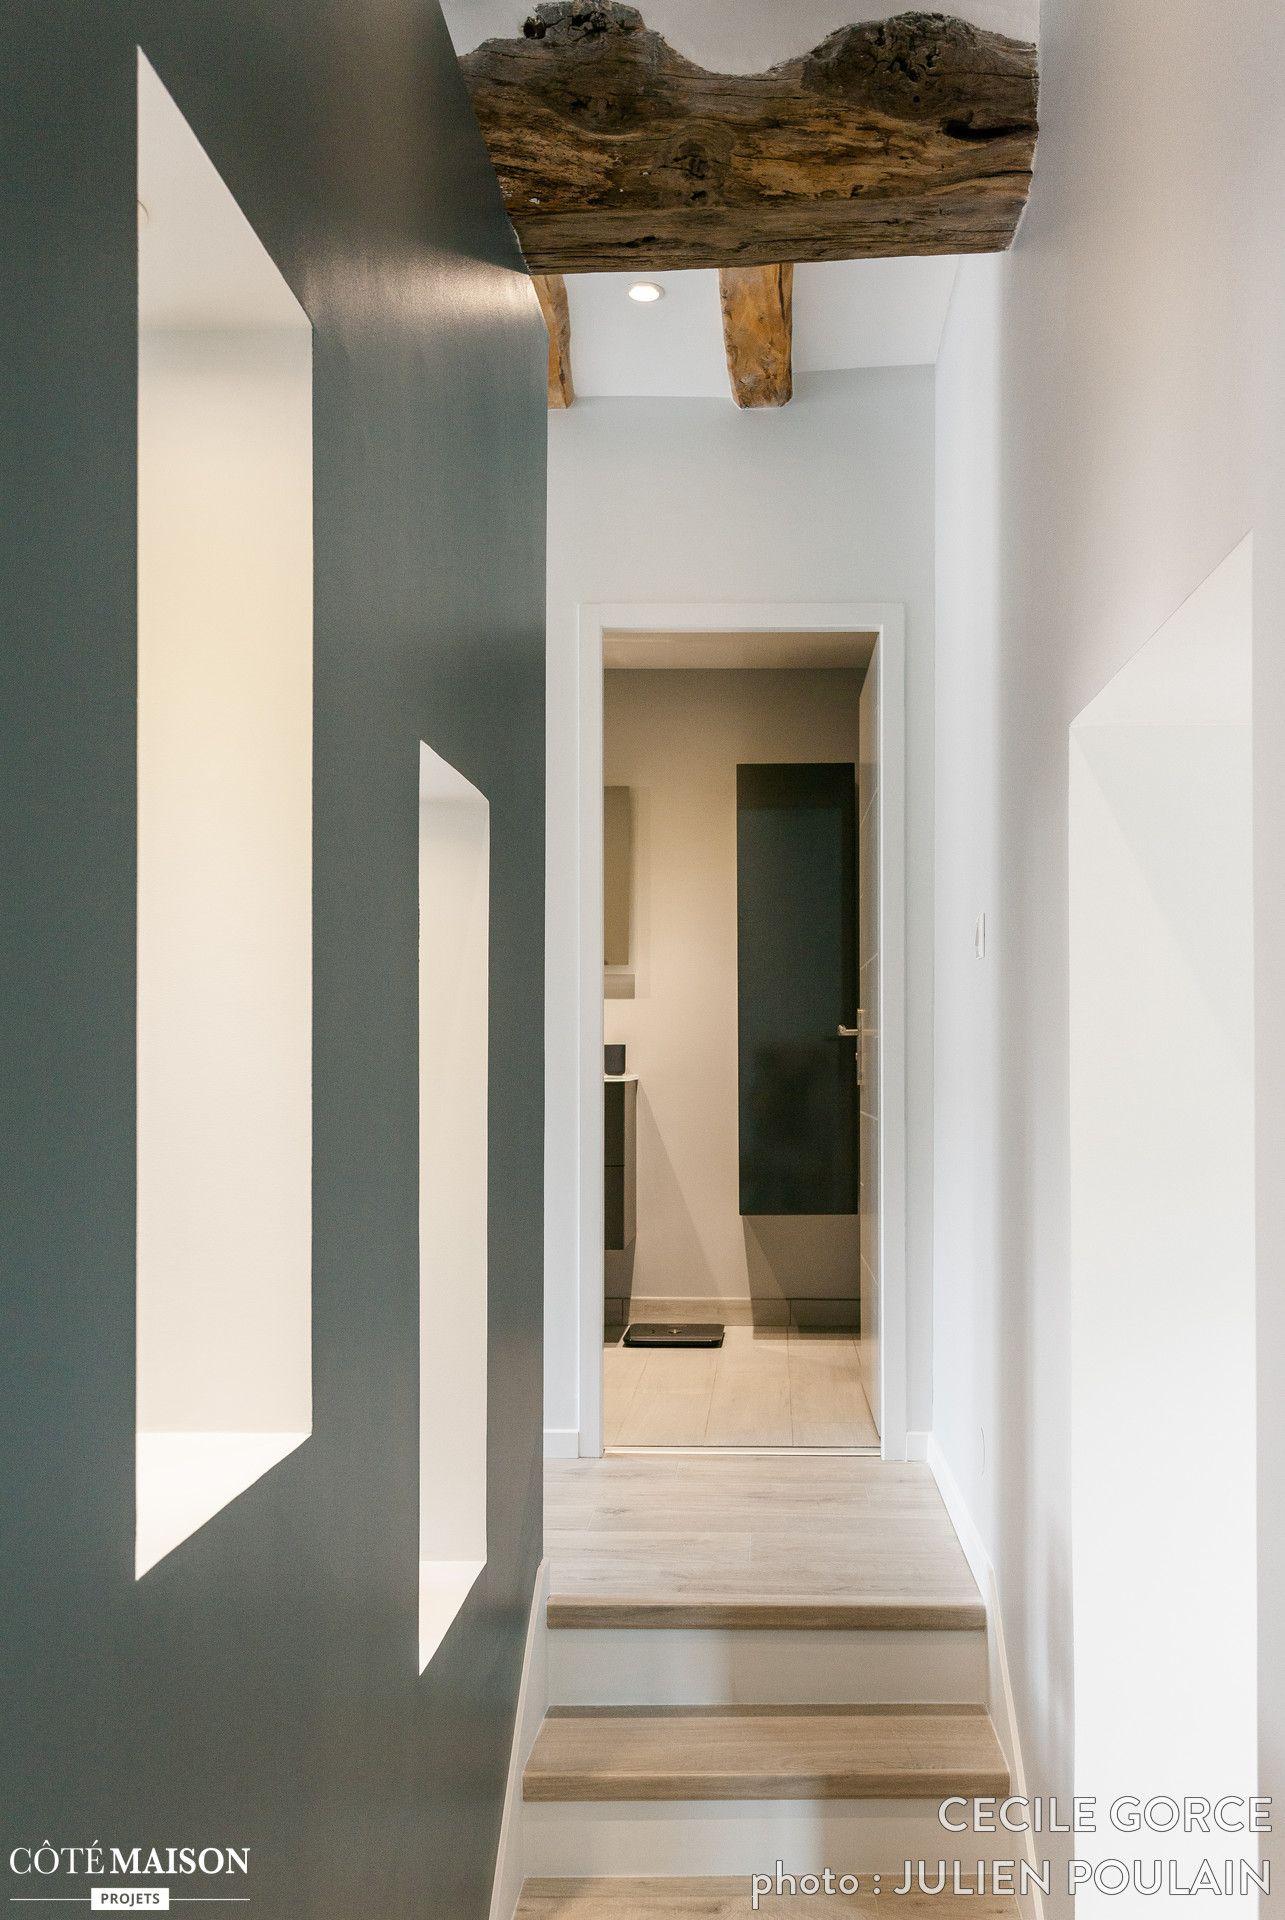 aménagement d'une longère de 220 m2, cécile gorce - côté maison